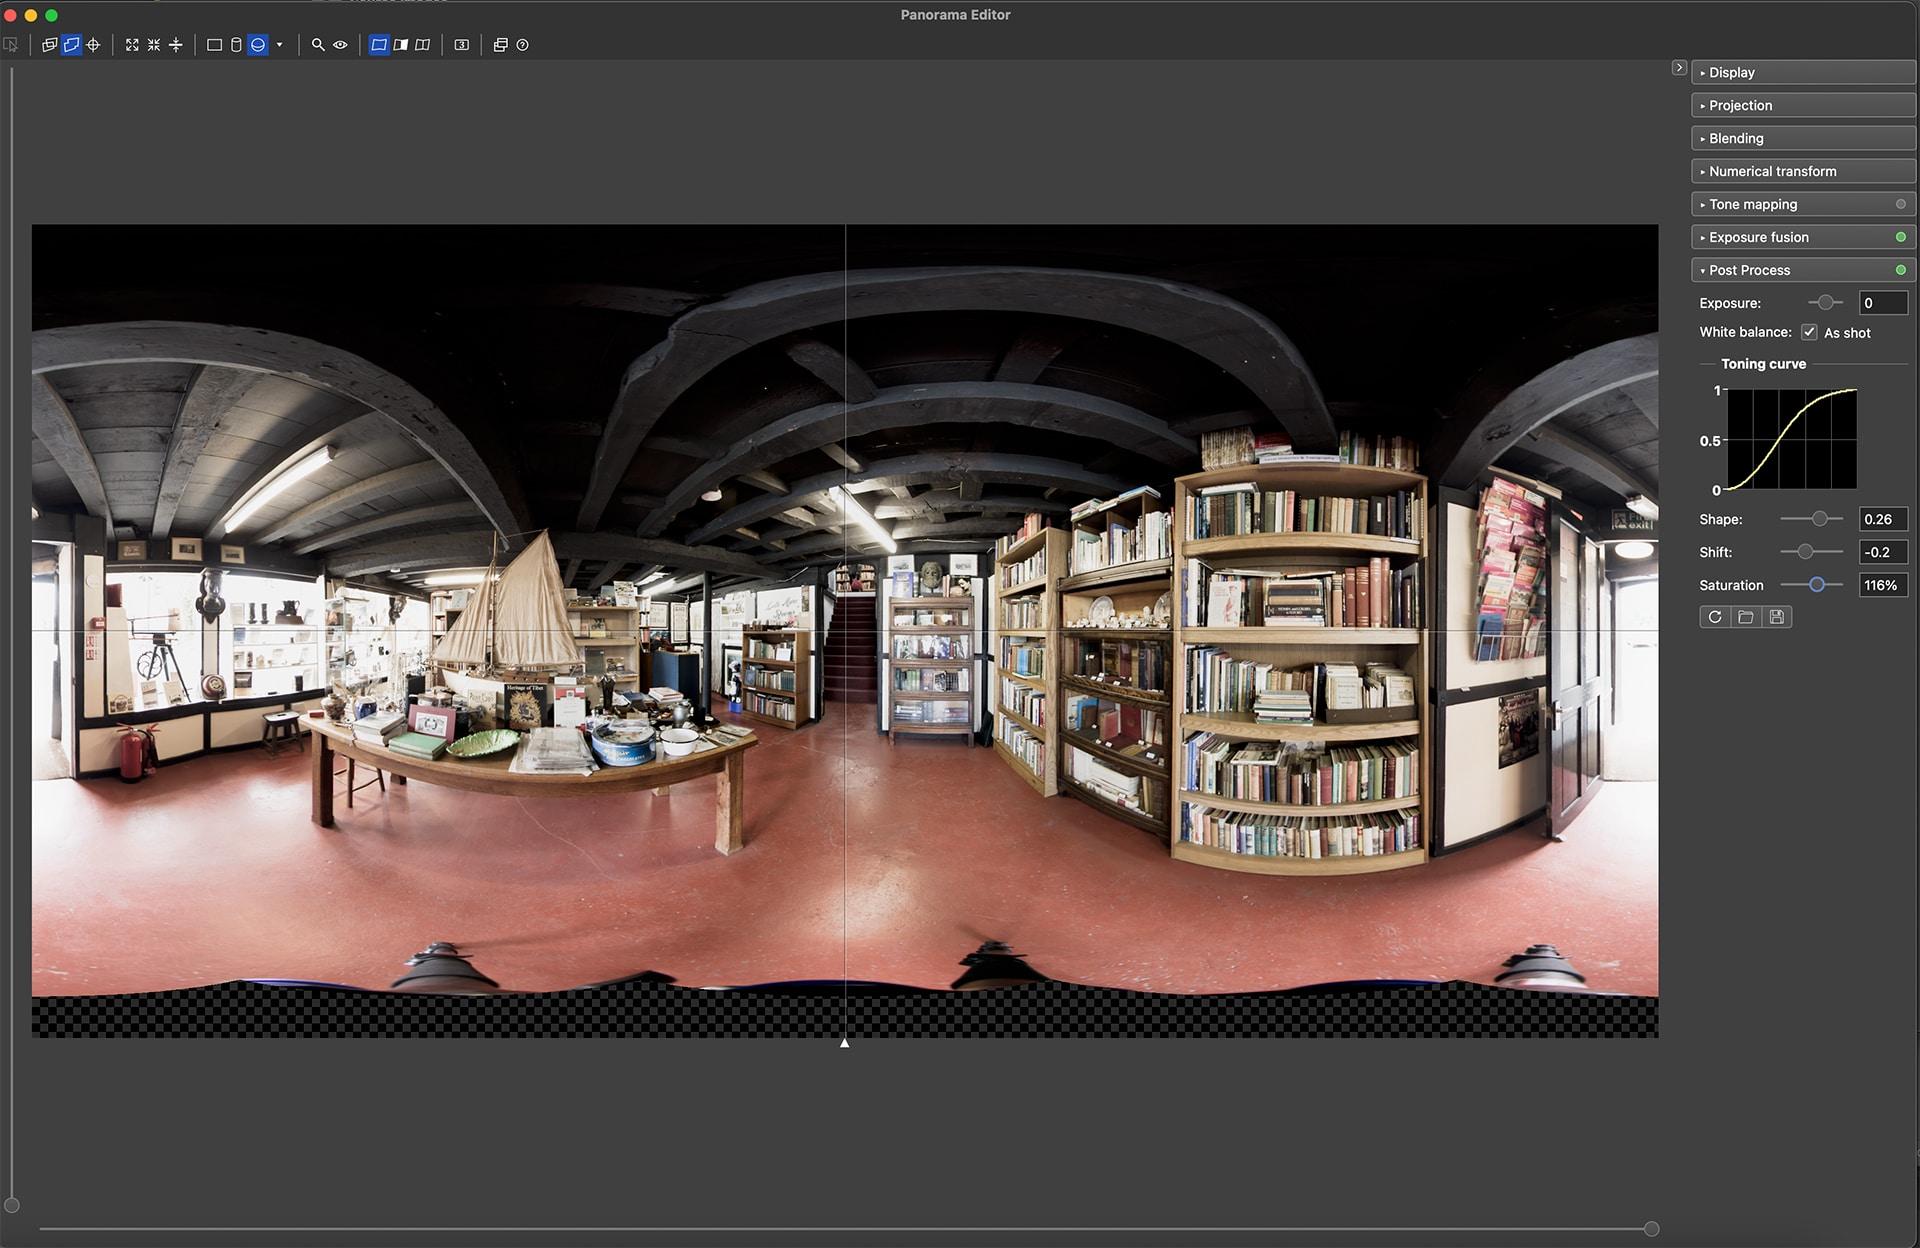 PTGui Panorama Editor